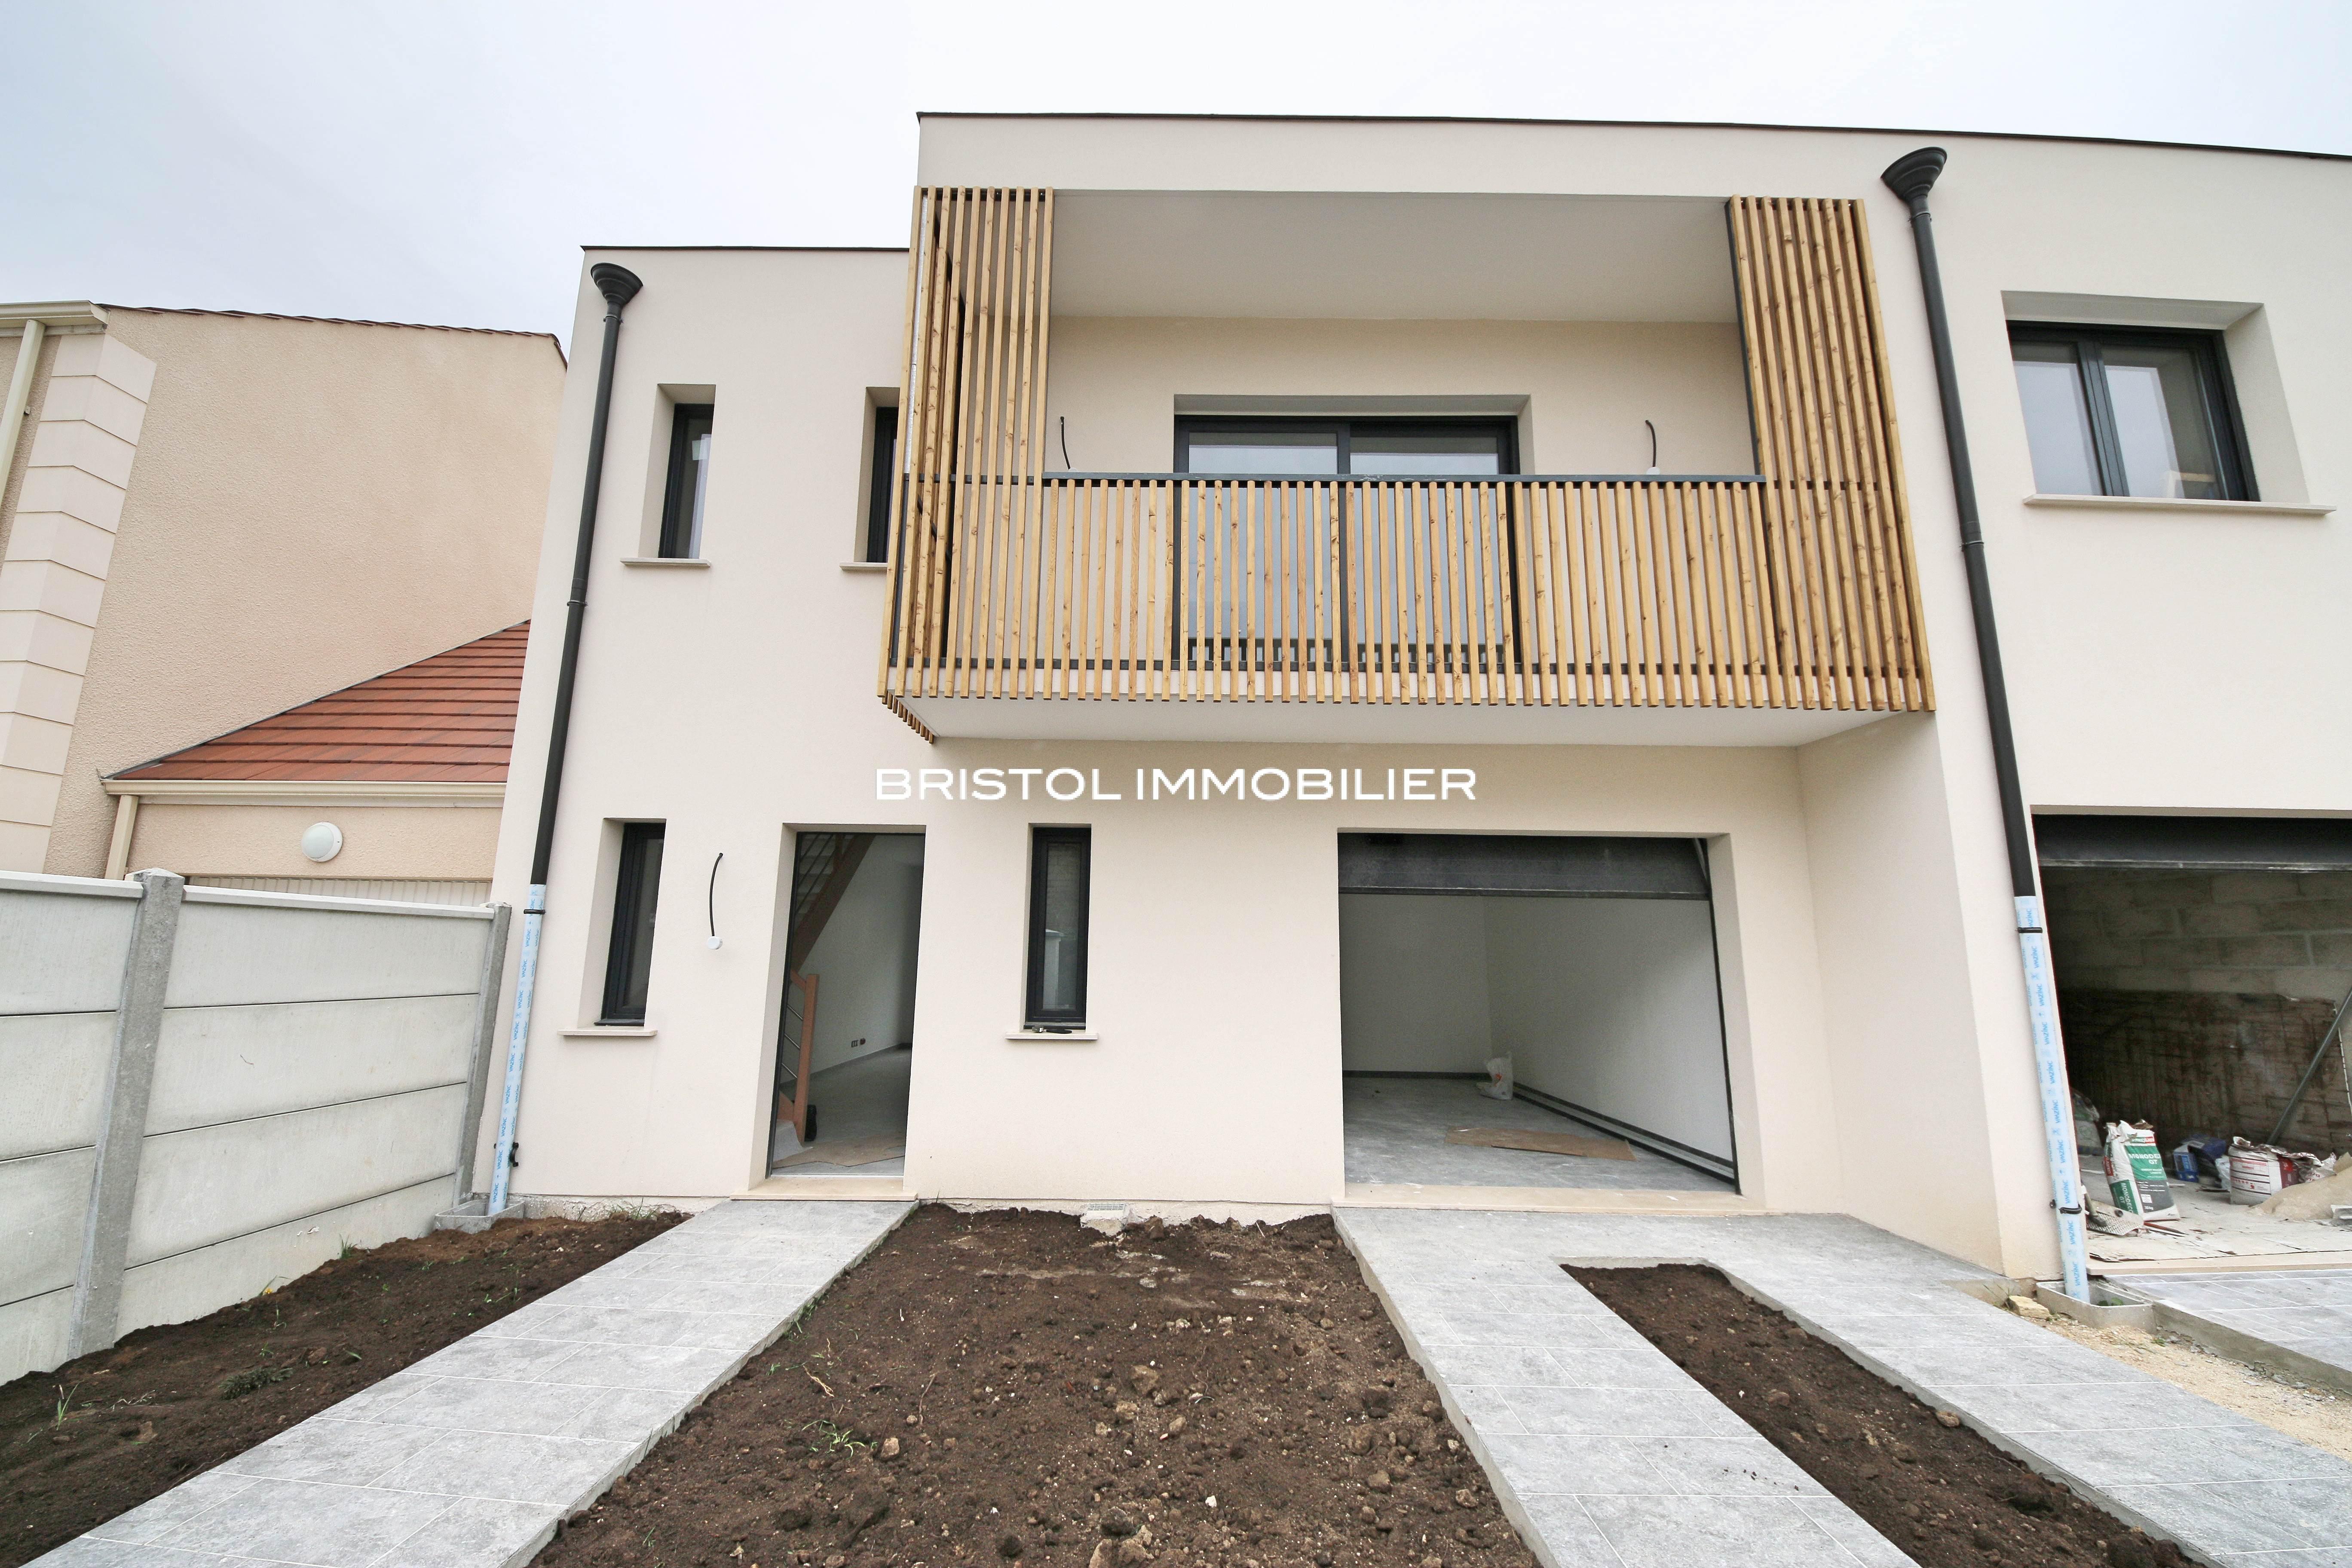 Immobilier champigny sur marne 94 annonces for Garage du tremblay champigny sur marne